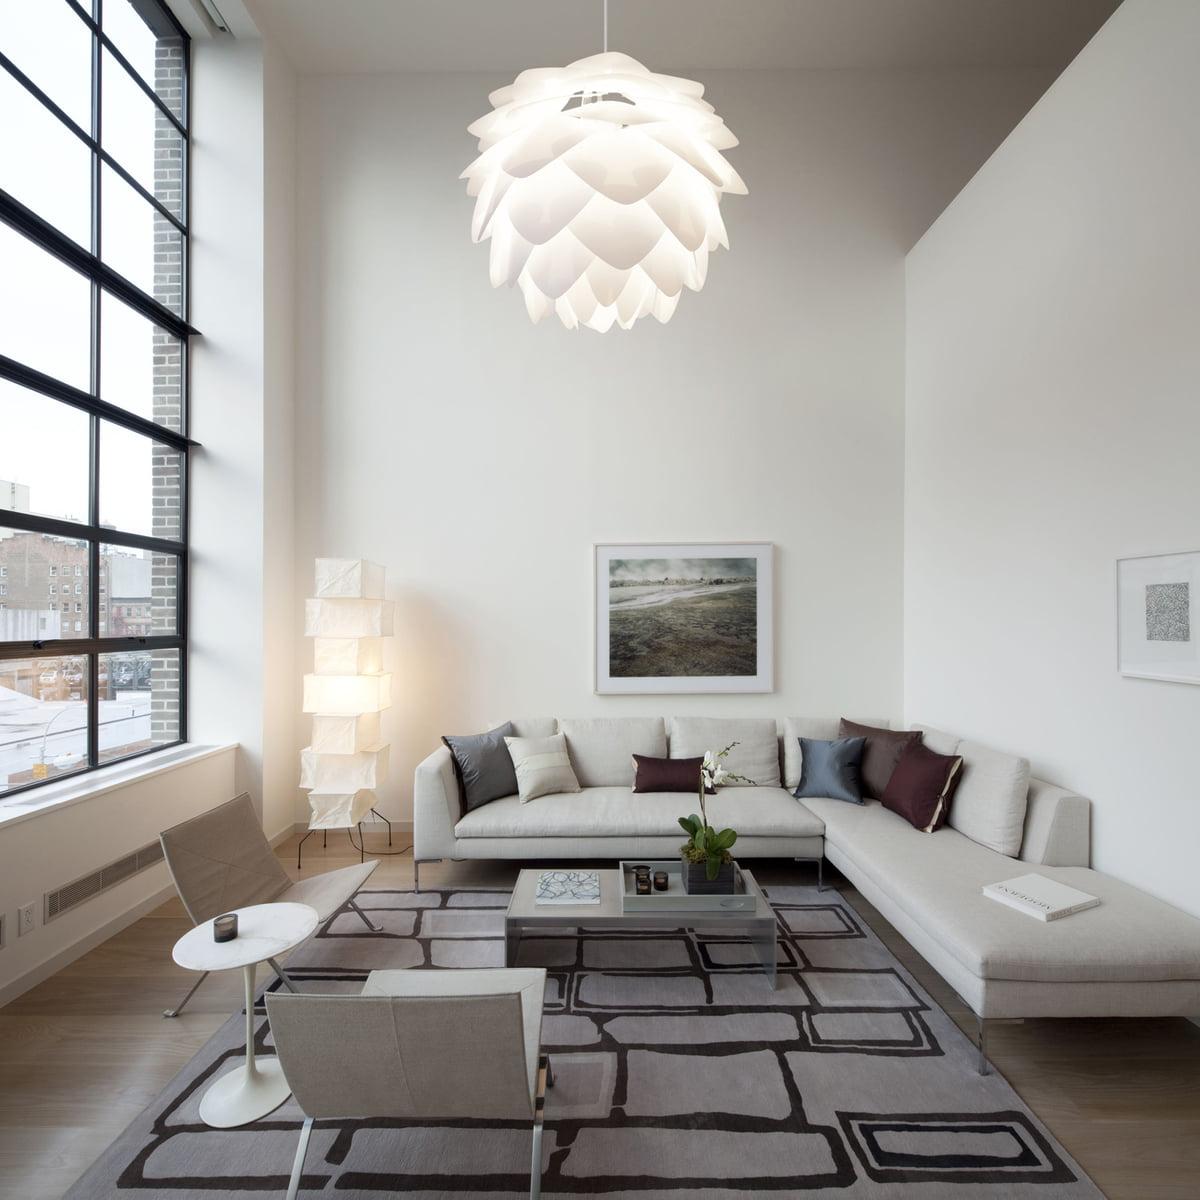 Moderne Schlafzimmer Lampen: Tolle vorschlage fur schlafzimmer in ...